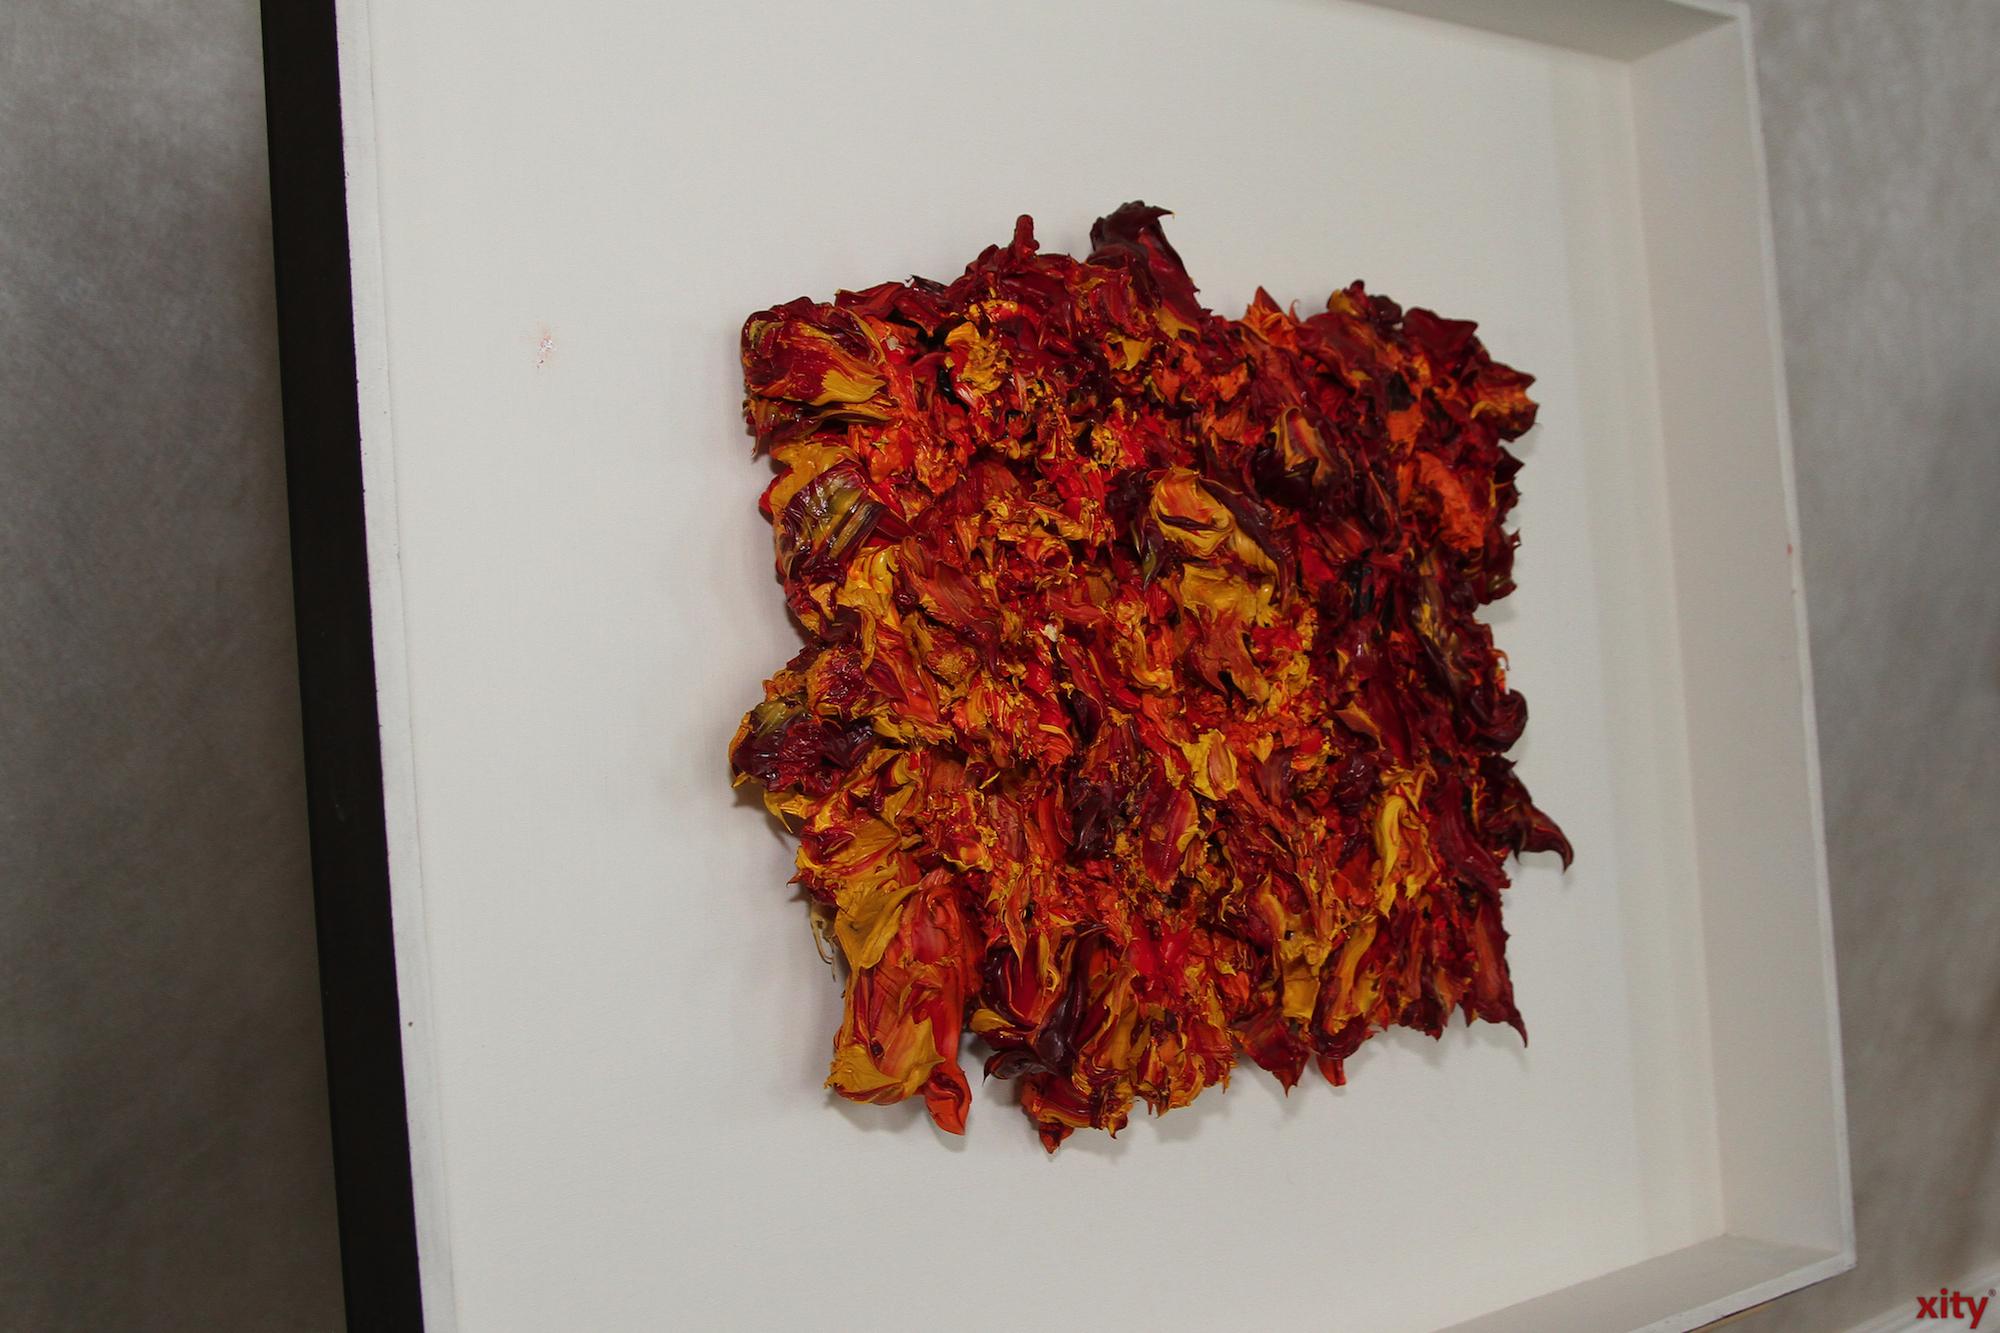 Seine Werke beschäftigen sich mit den Geschehnissen der vergangenen 40 Jahre  (Foto: xity)